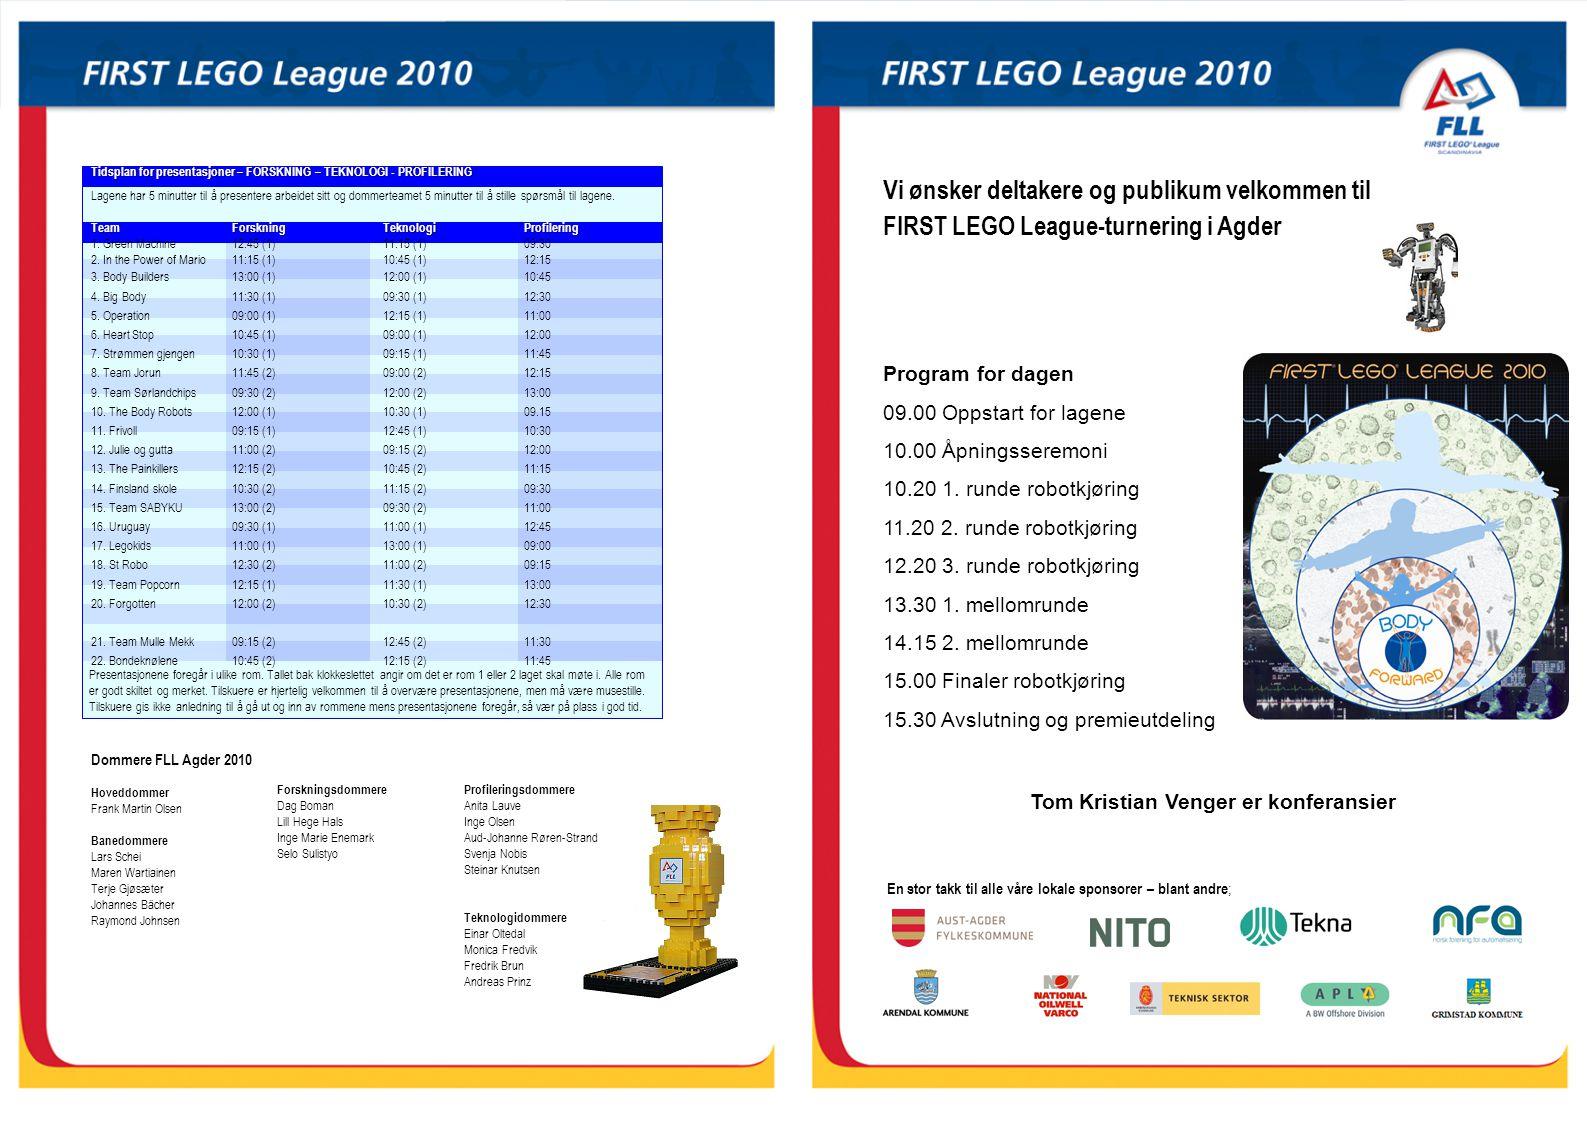 Vi ønsker deltakere og publikum velkommen til FIRST LEGO League-turnering i Agder En stor takk til alle våre lokale sponsorer – blant andre ; Program for dagen 09.00 Oppstart for lagene 10.00 Åpningsseremoni 10.20 1.